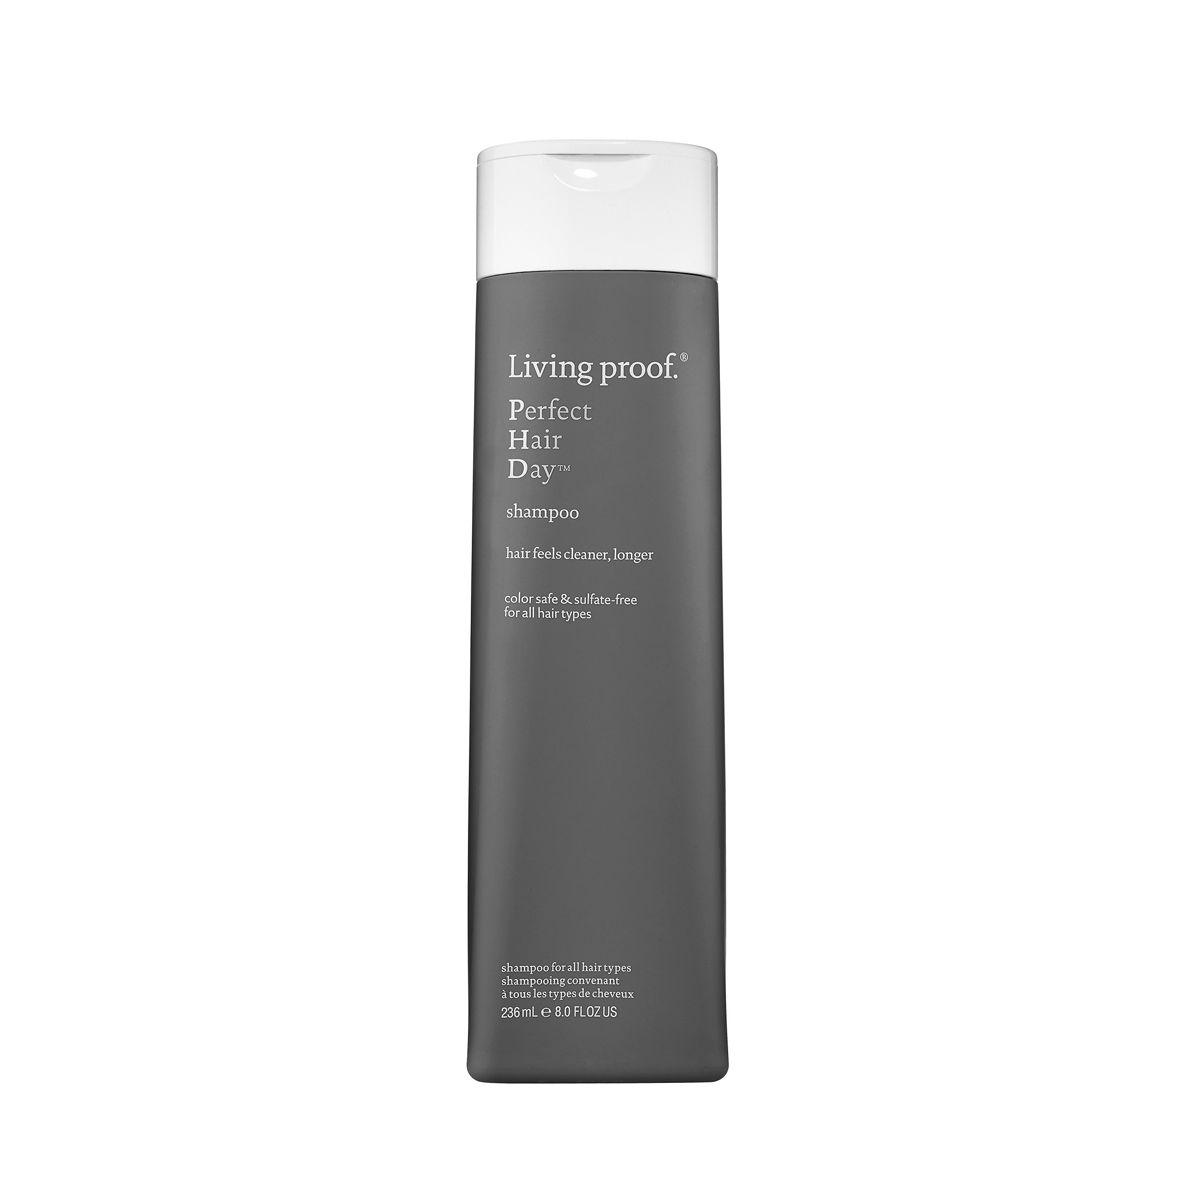 phd-shamp